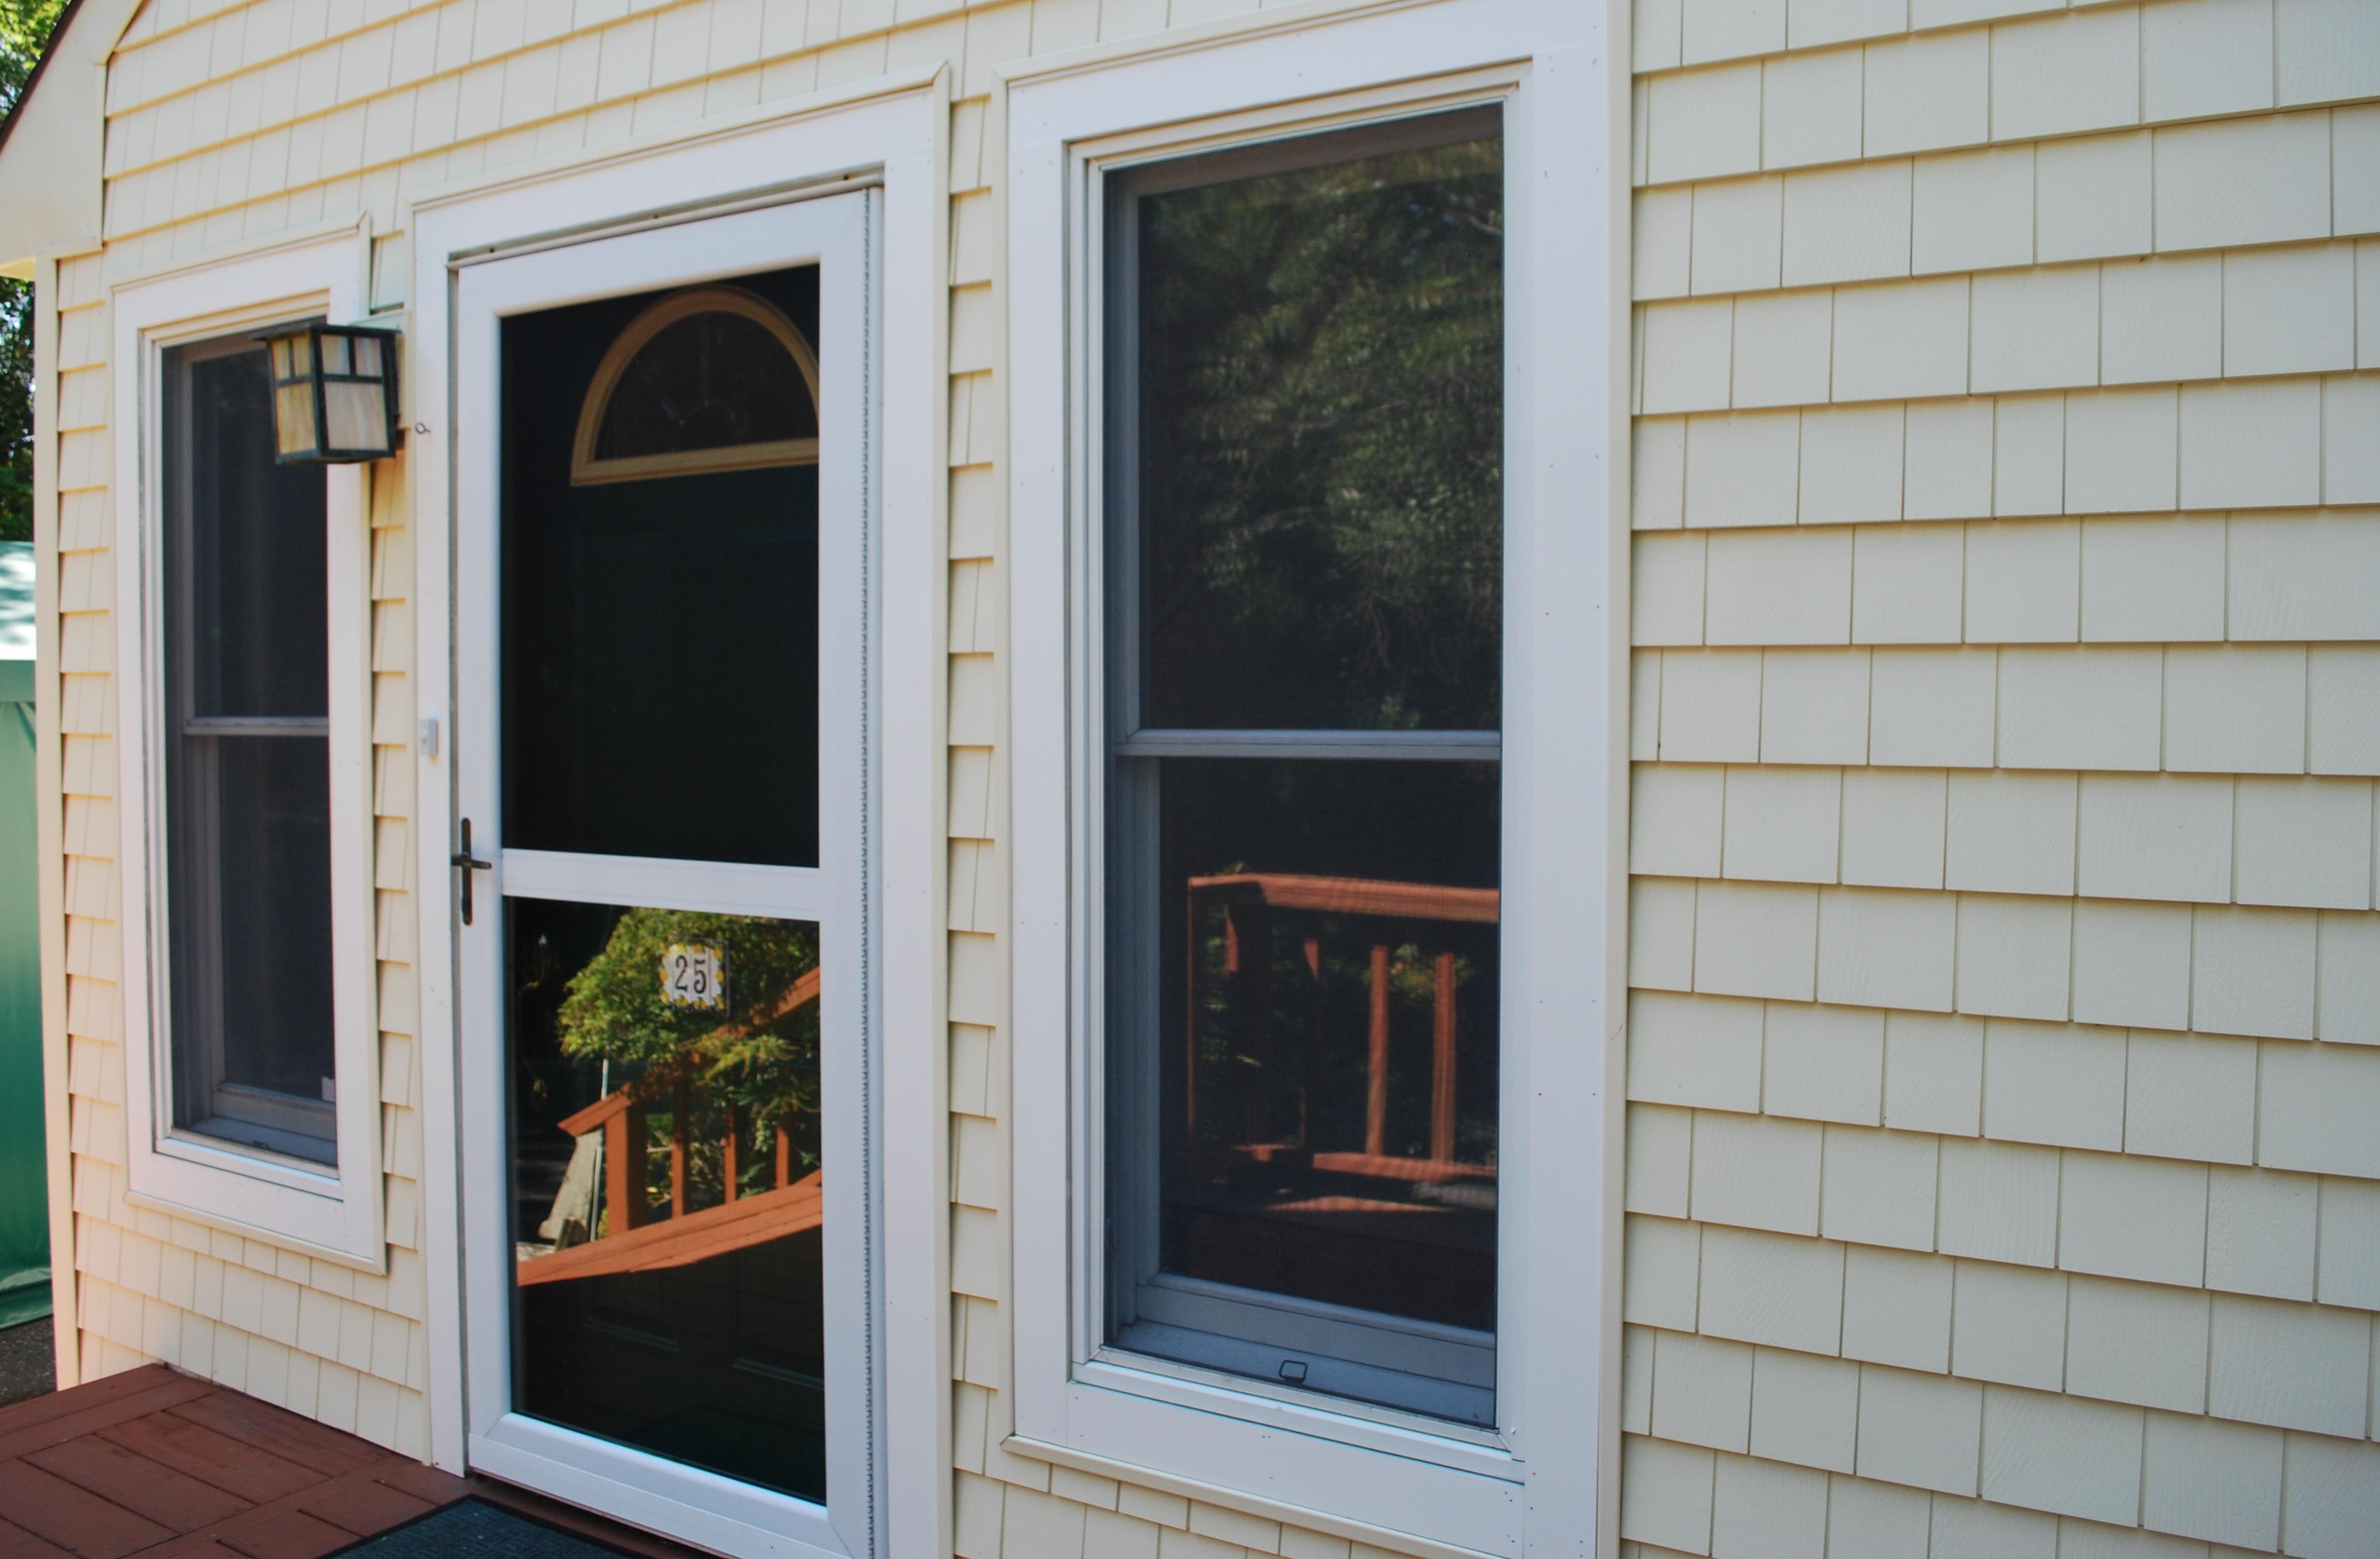 独户住宅 为 销售 在 Cape 25 Farragut Rd 蒙托克, 纽约州, 11954 美国